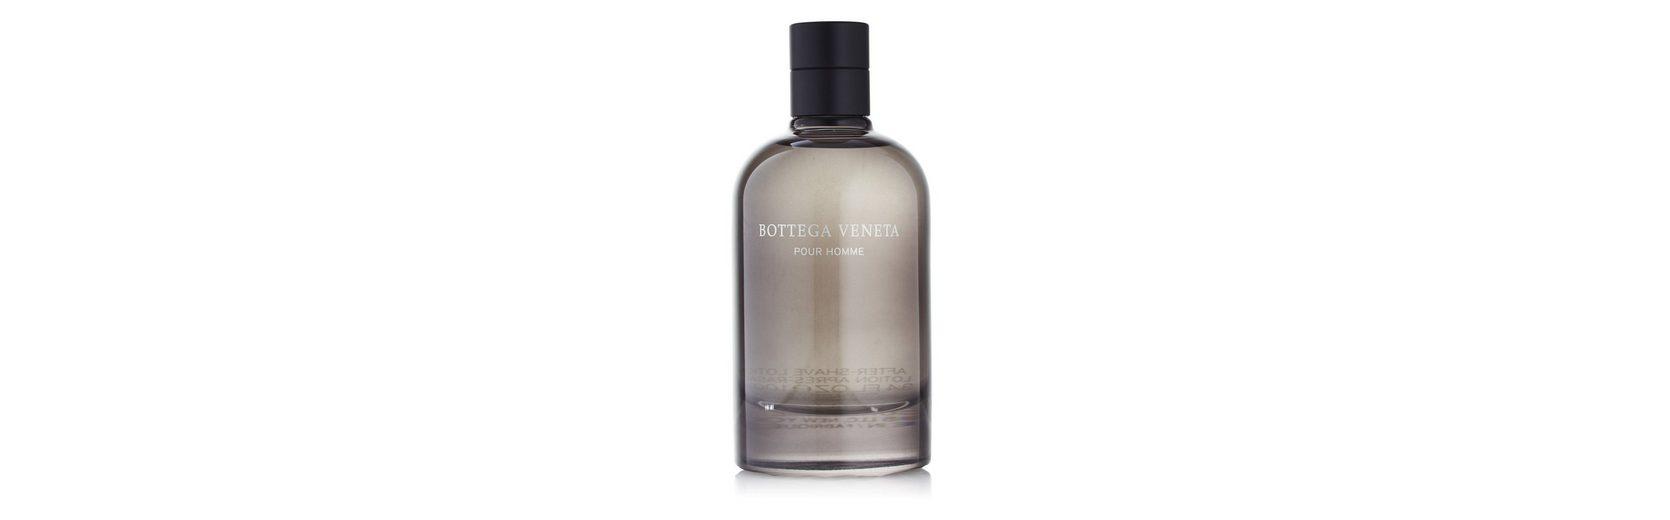 Bottega Veneta Aftershave-Lotion »Pour Homme«